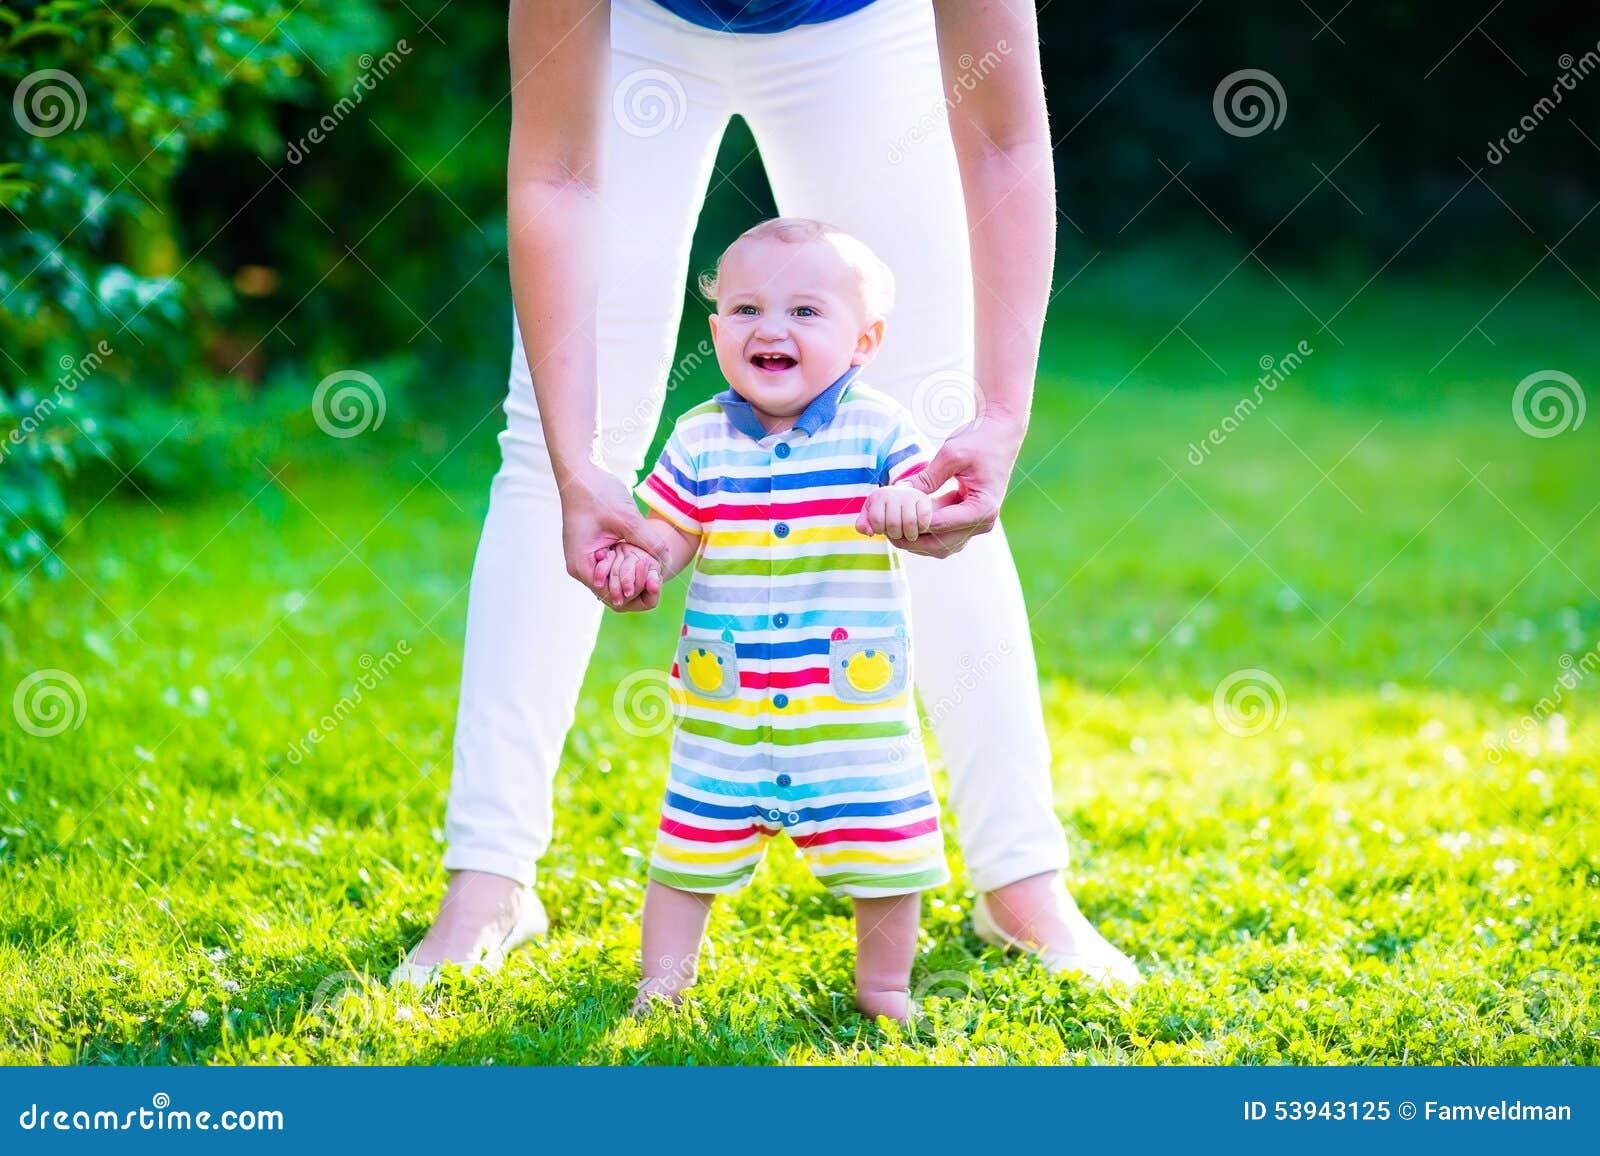 Kleines Baby, das erste Schritte macht